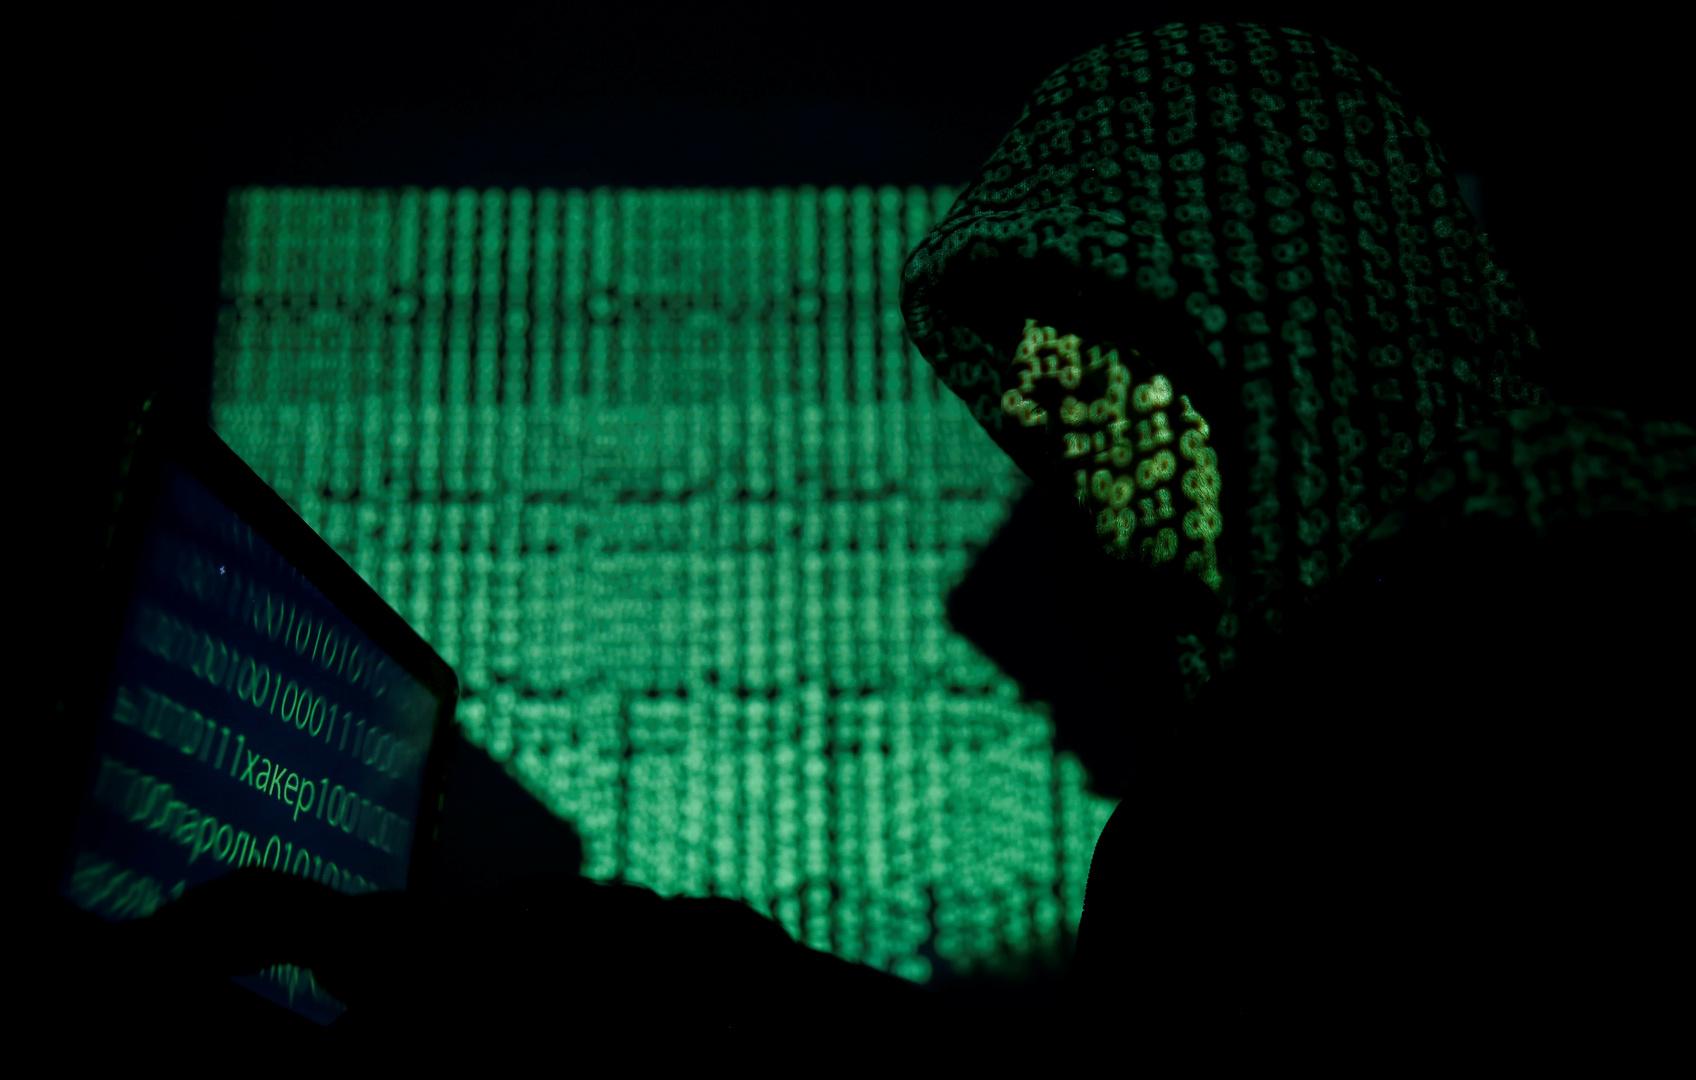 هاكر يطلبون مليون دولار للحفاظ على بيانات شركة تأمين إسرائيلية